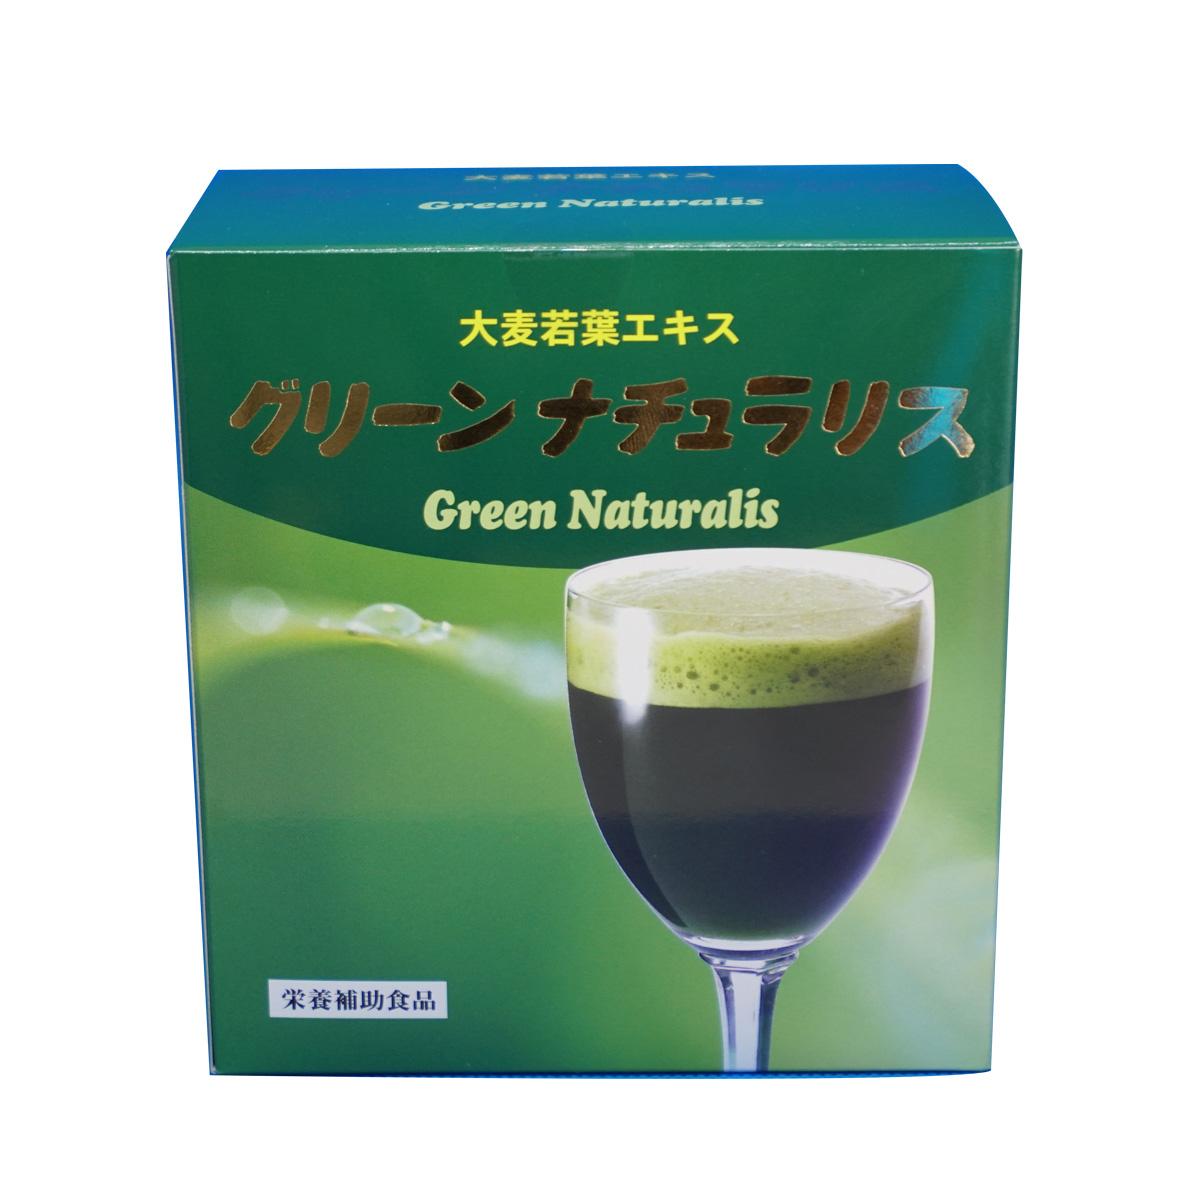 【送料無料】【青汁】【大麦若葉】大麦若葉エキス末は中身が一味違う!グリーンナチュラリス